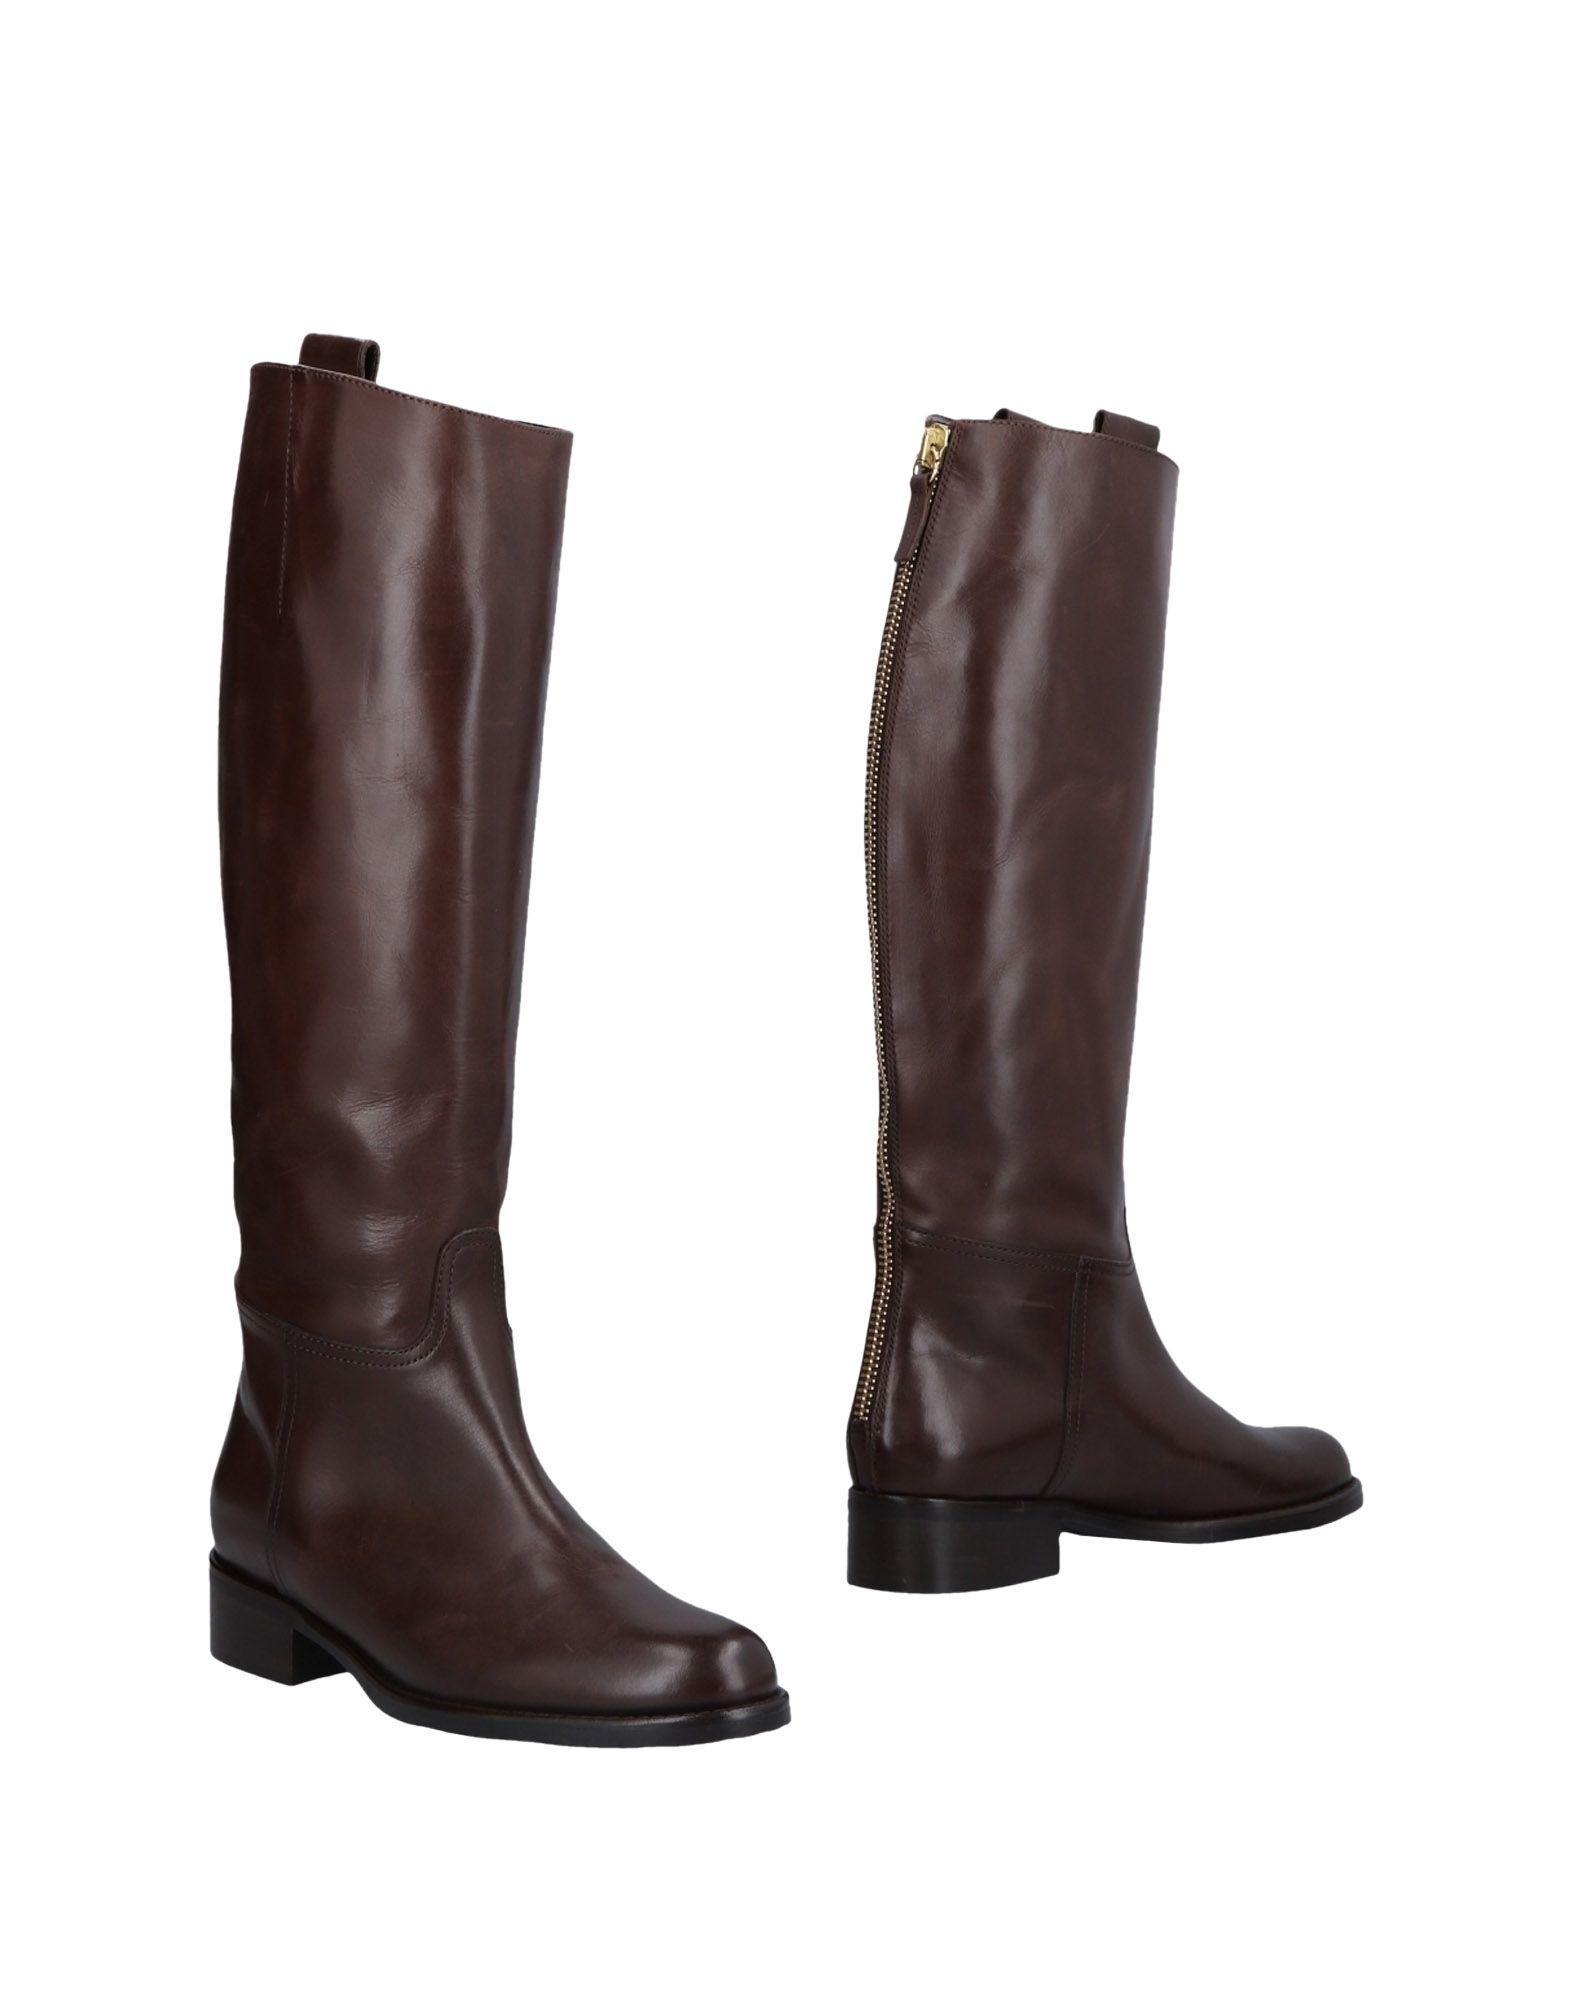 Gut um Stiefel billige Schuhe zu tragenE'clat Stiefel um Damen  11474985BK a173cc